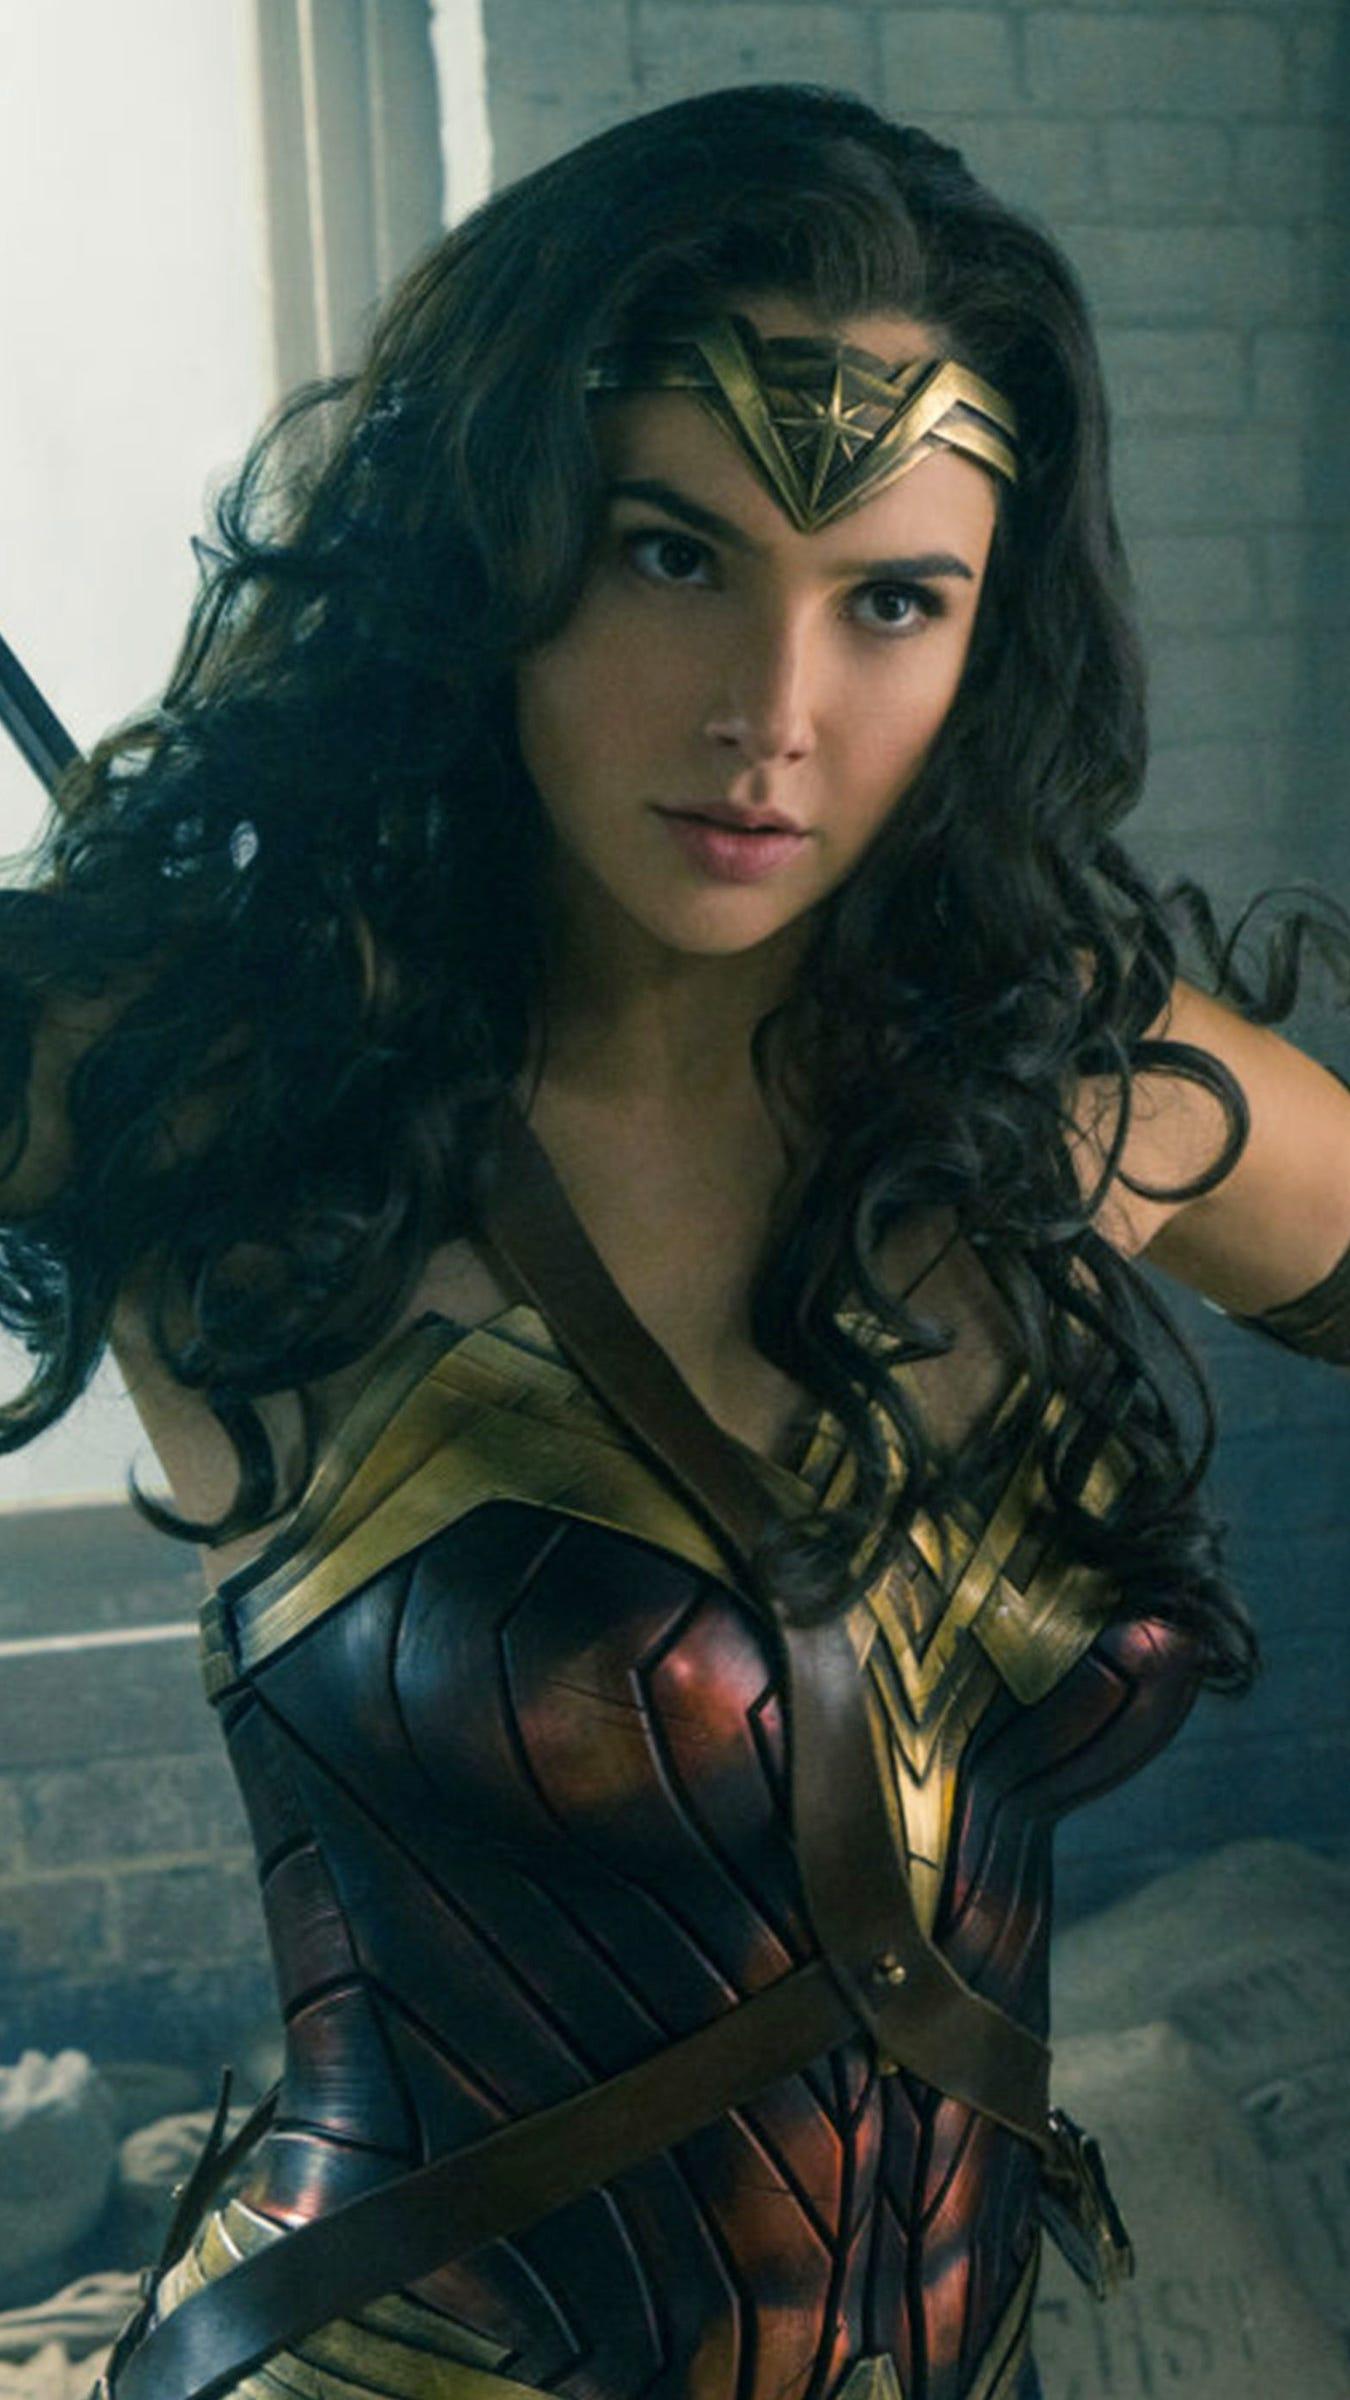 Wonder Woman Official Trailer 2017 Gal Gadot